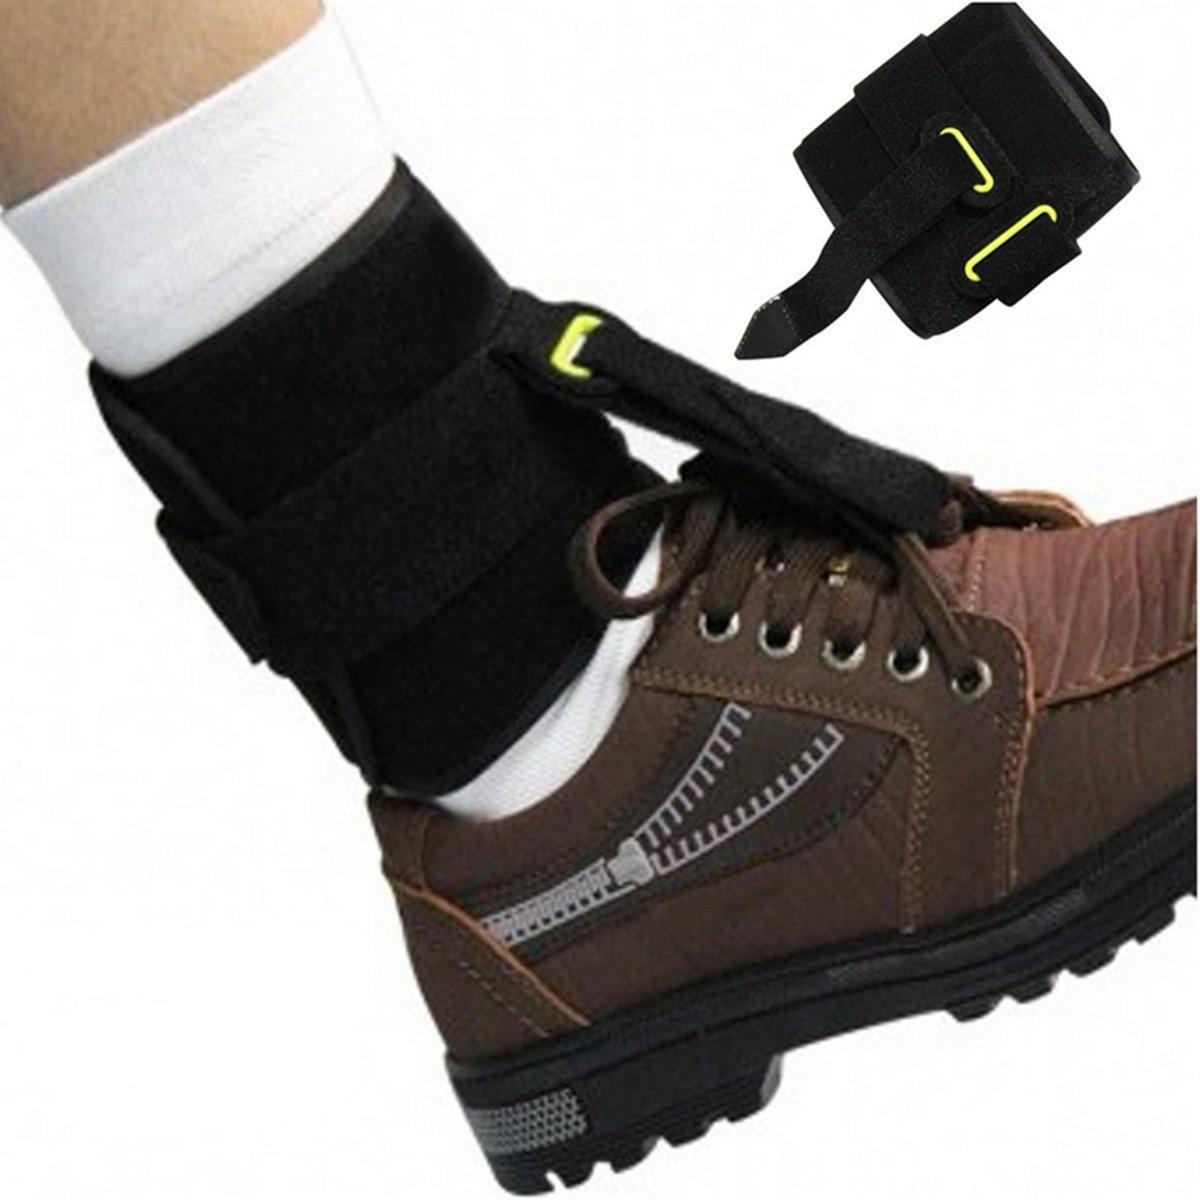 ipree\u00ae adjustable foot drop orthotics middle cerebral B07F63SVXM